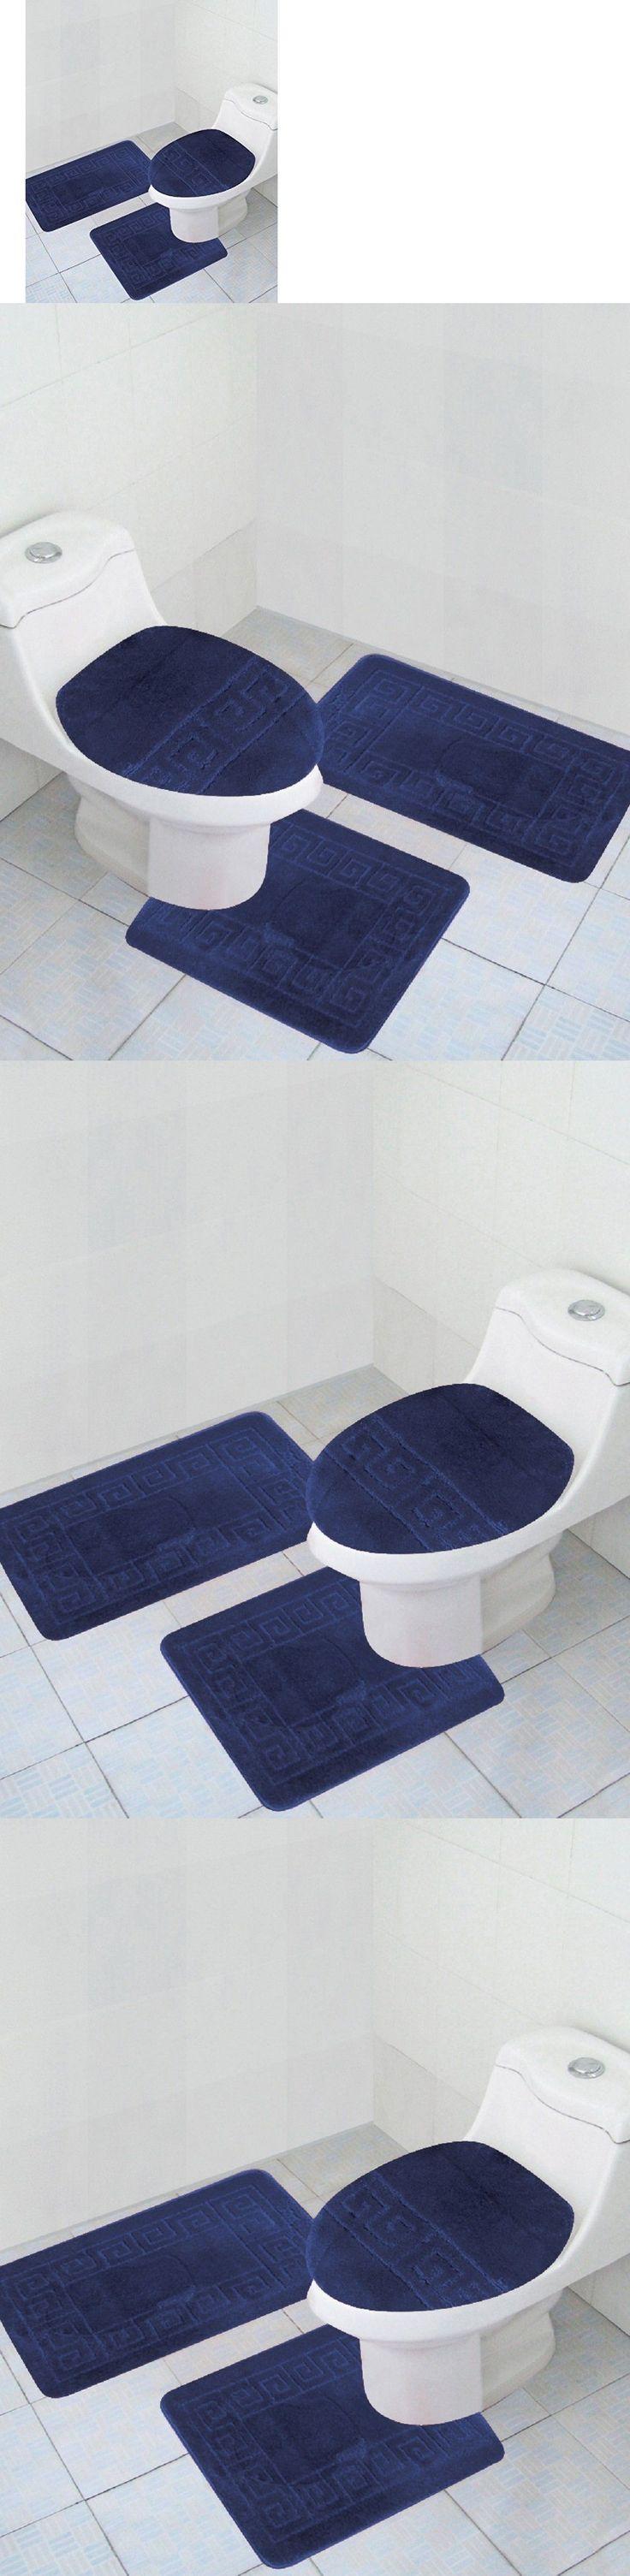 best 25 non slip shower mat ideas only on pinterest dorm bathmats rugs and toilet covers 133696 non slip shower mat bathroom carpet floor soft large